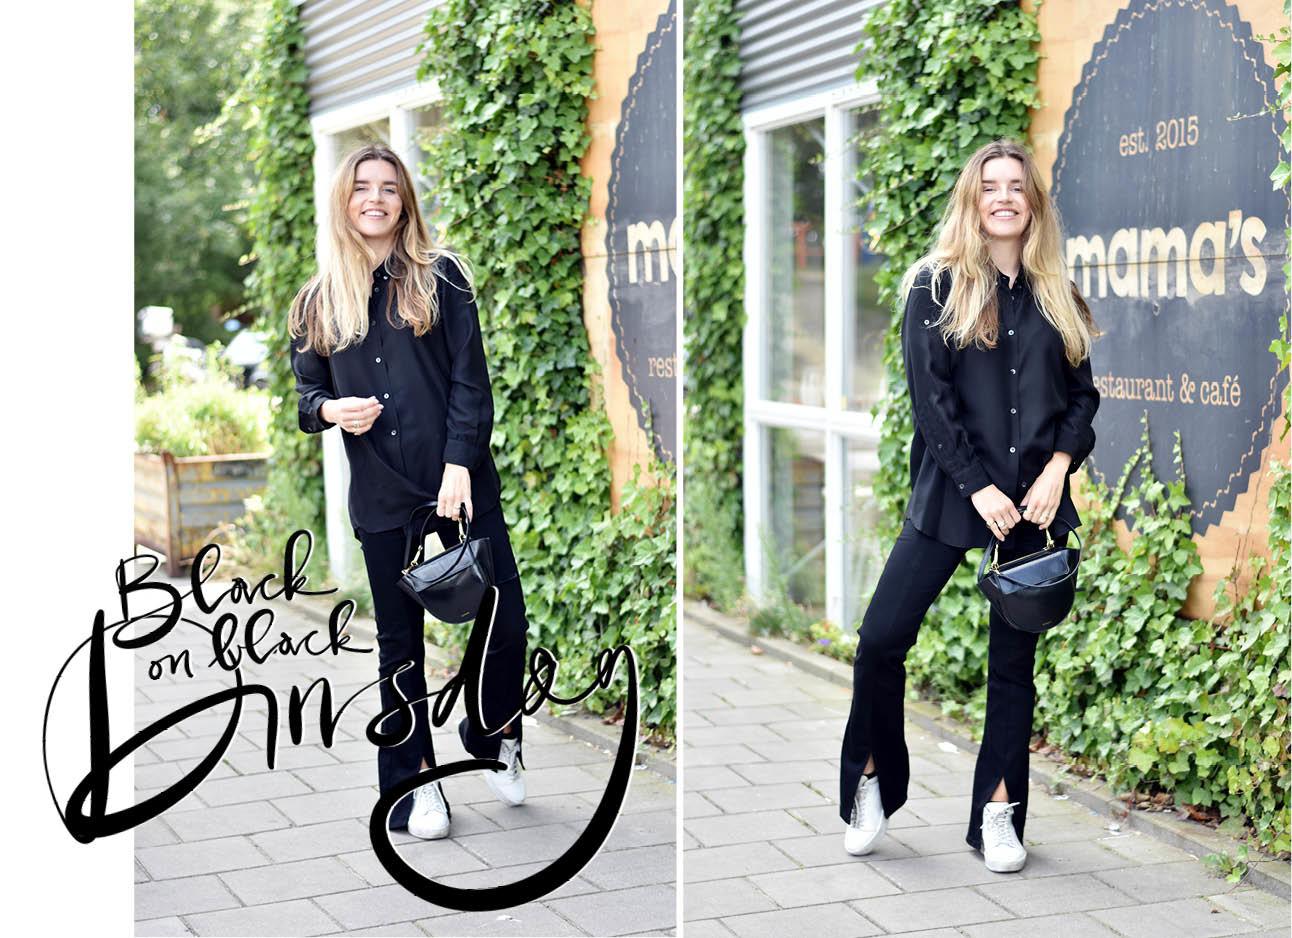 Lotte van Scherpenzeel lachend bij cafe Mama's in zwarte kleding broek flare met witte sneakers